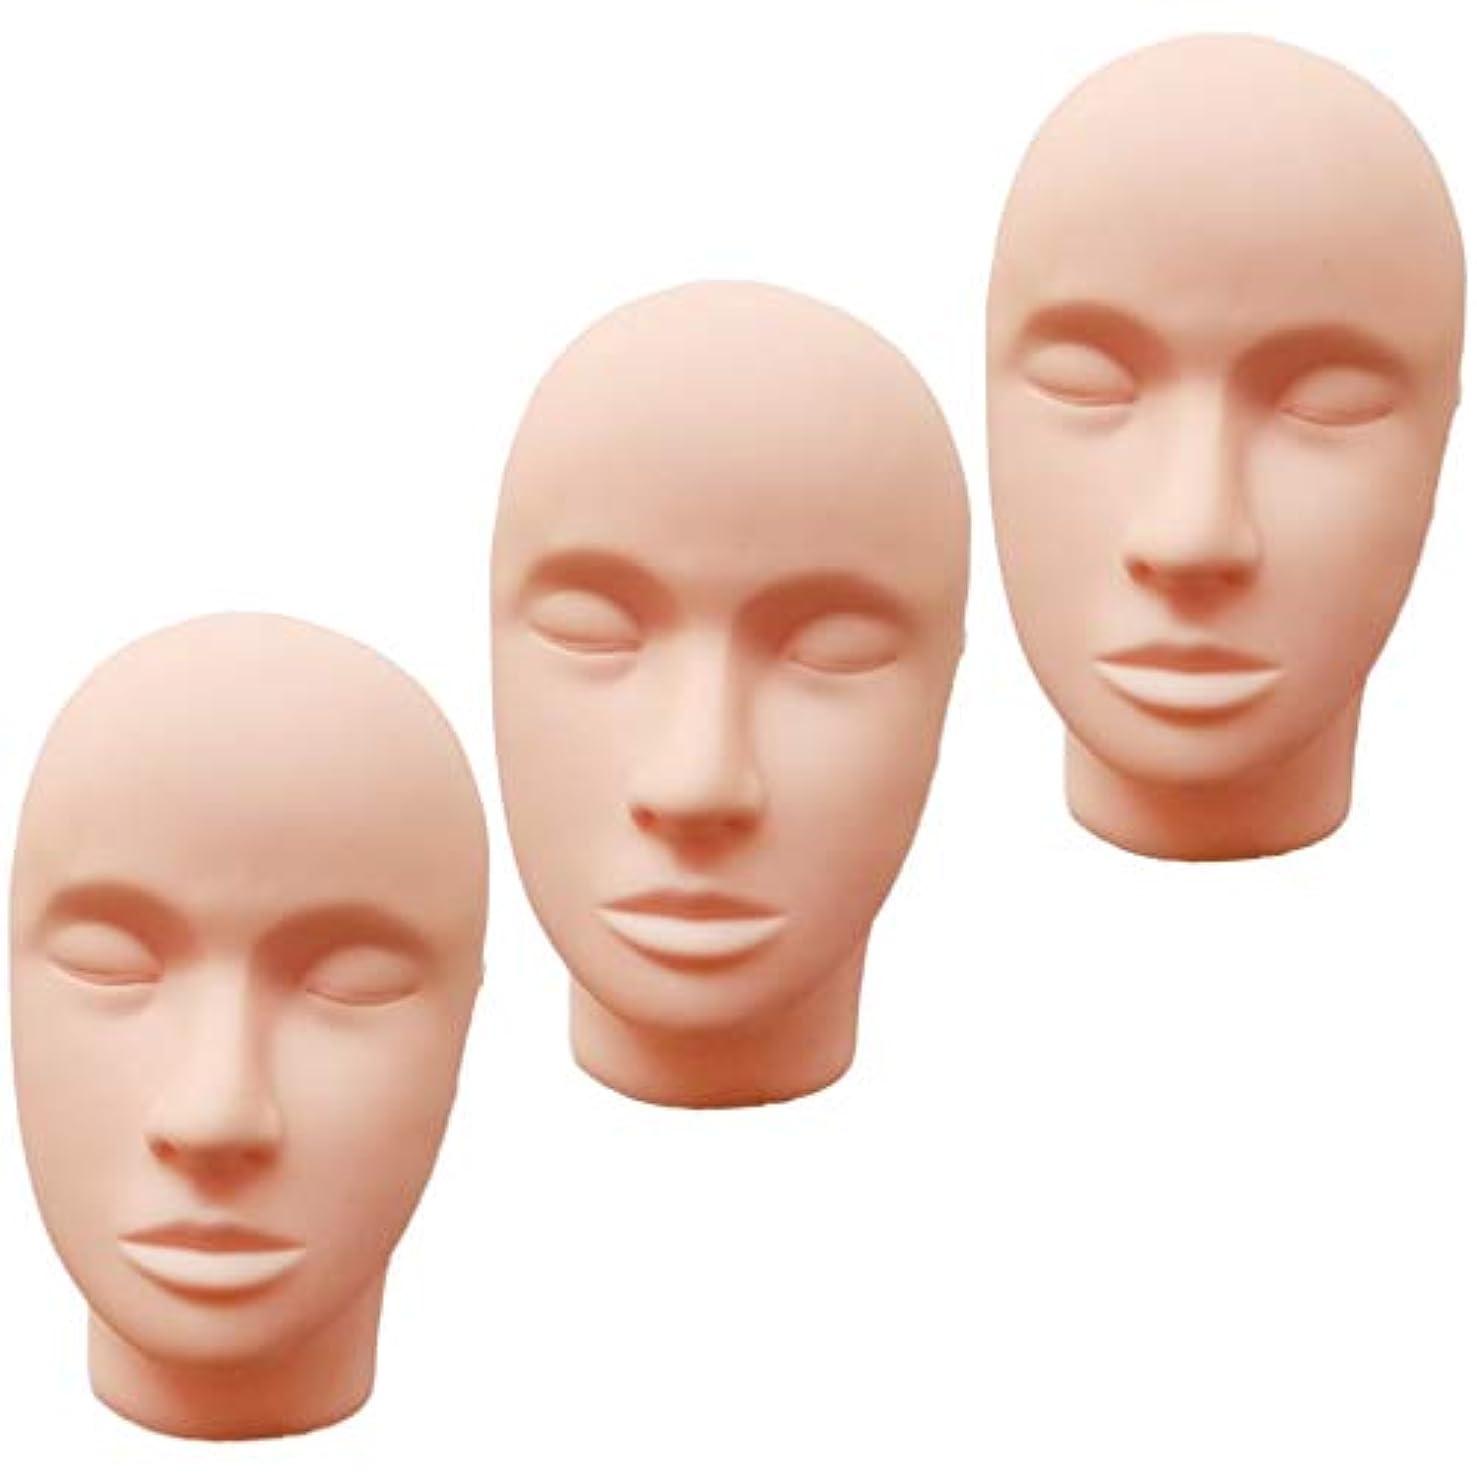 インチ震え忙しいT TOOYFUL ヘッドマネキン メイク練習用 モデル 化粧 フェイス メイクアップ まつげエクステ 繰り返し利用